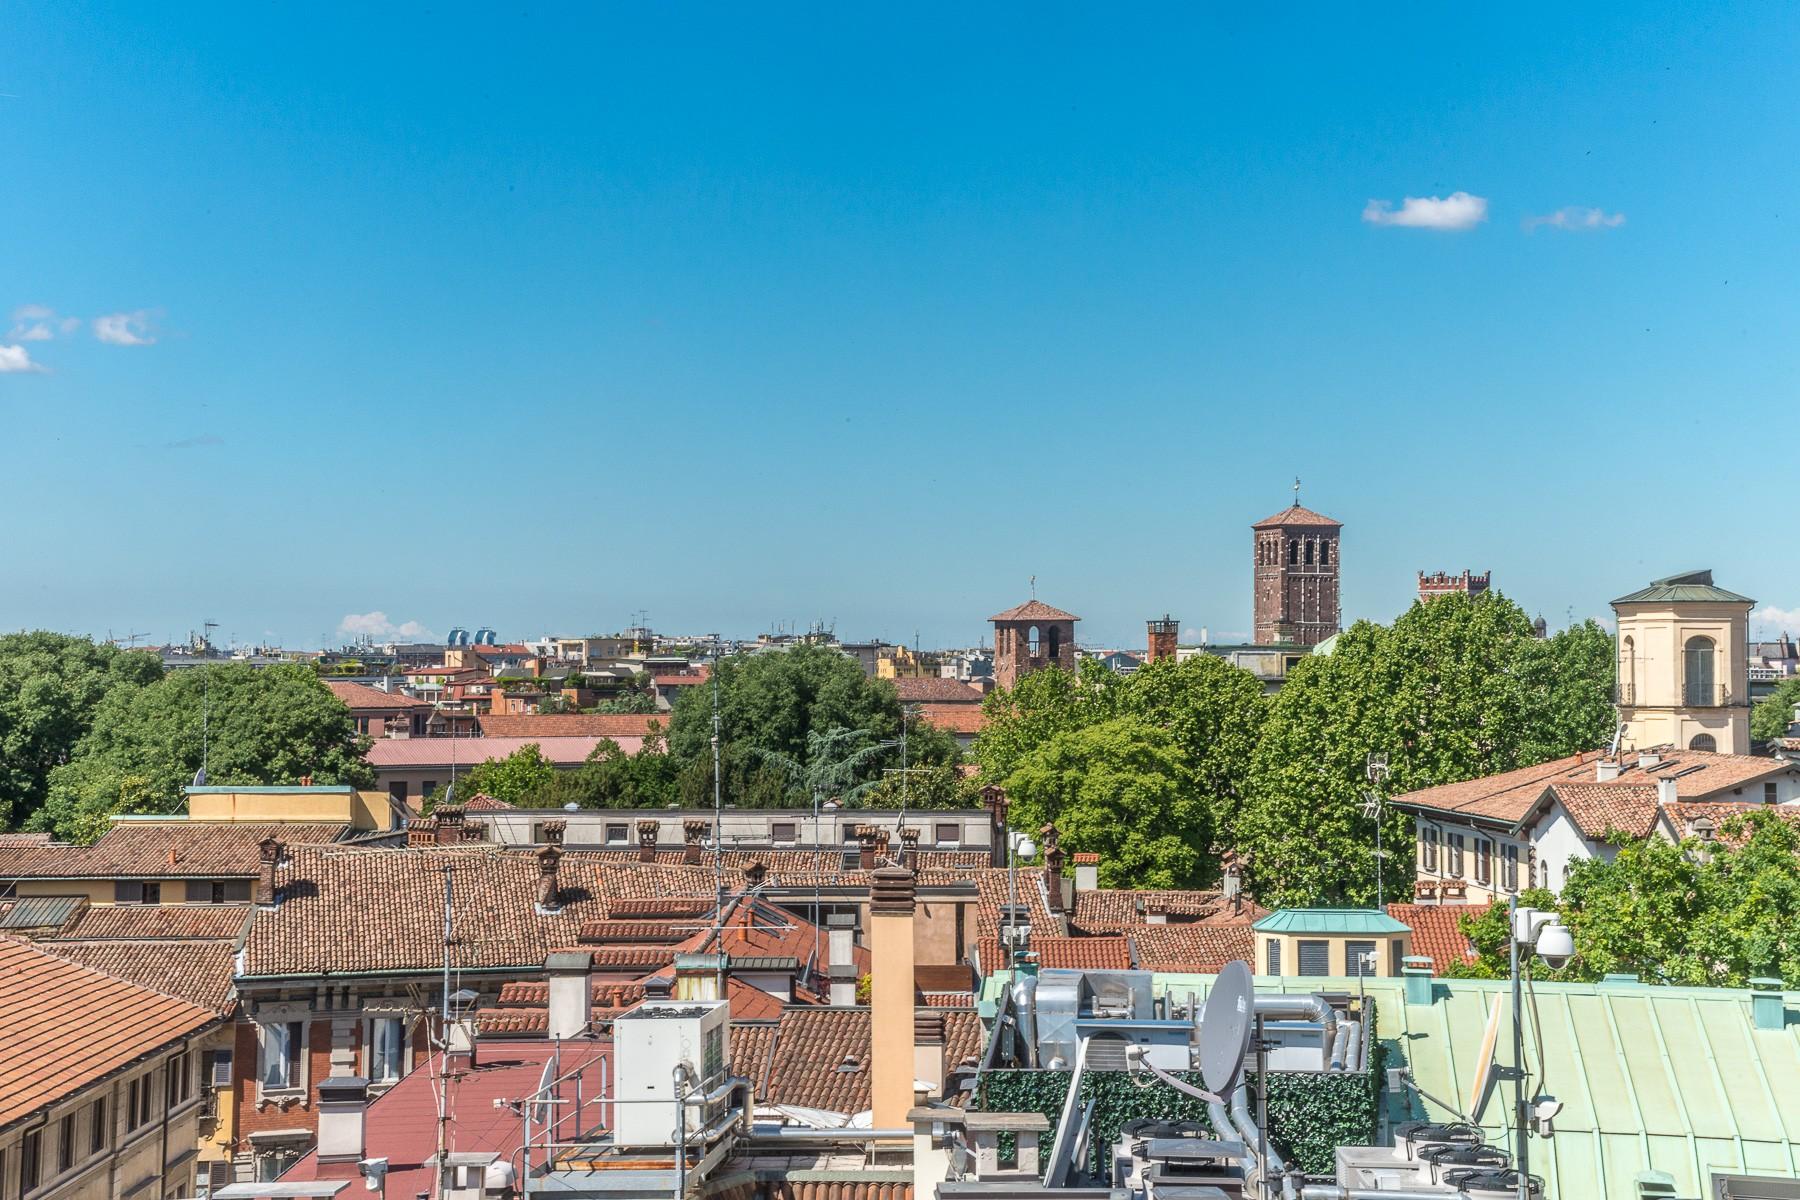 Attico in Vendita a Milano: 5 locali, 300 mq - Foto 4